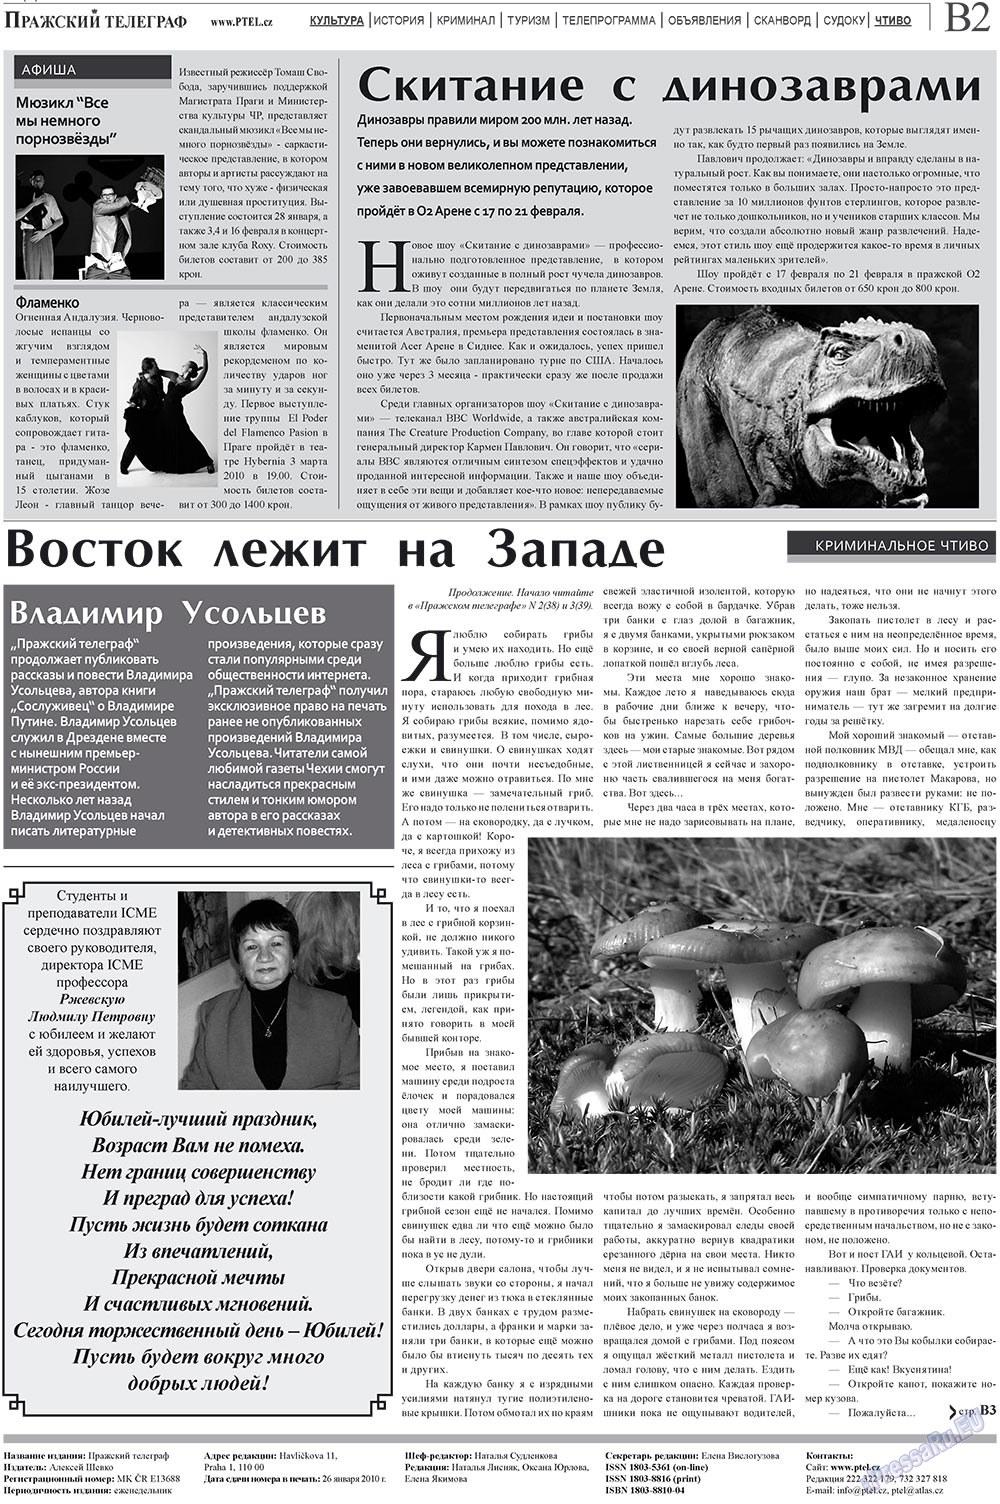 Пражский телеграф (газета). 2010 год, номер 4, стр. 10